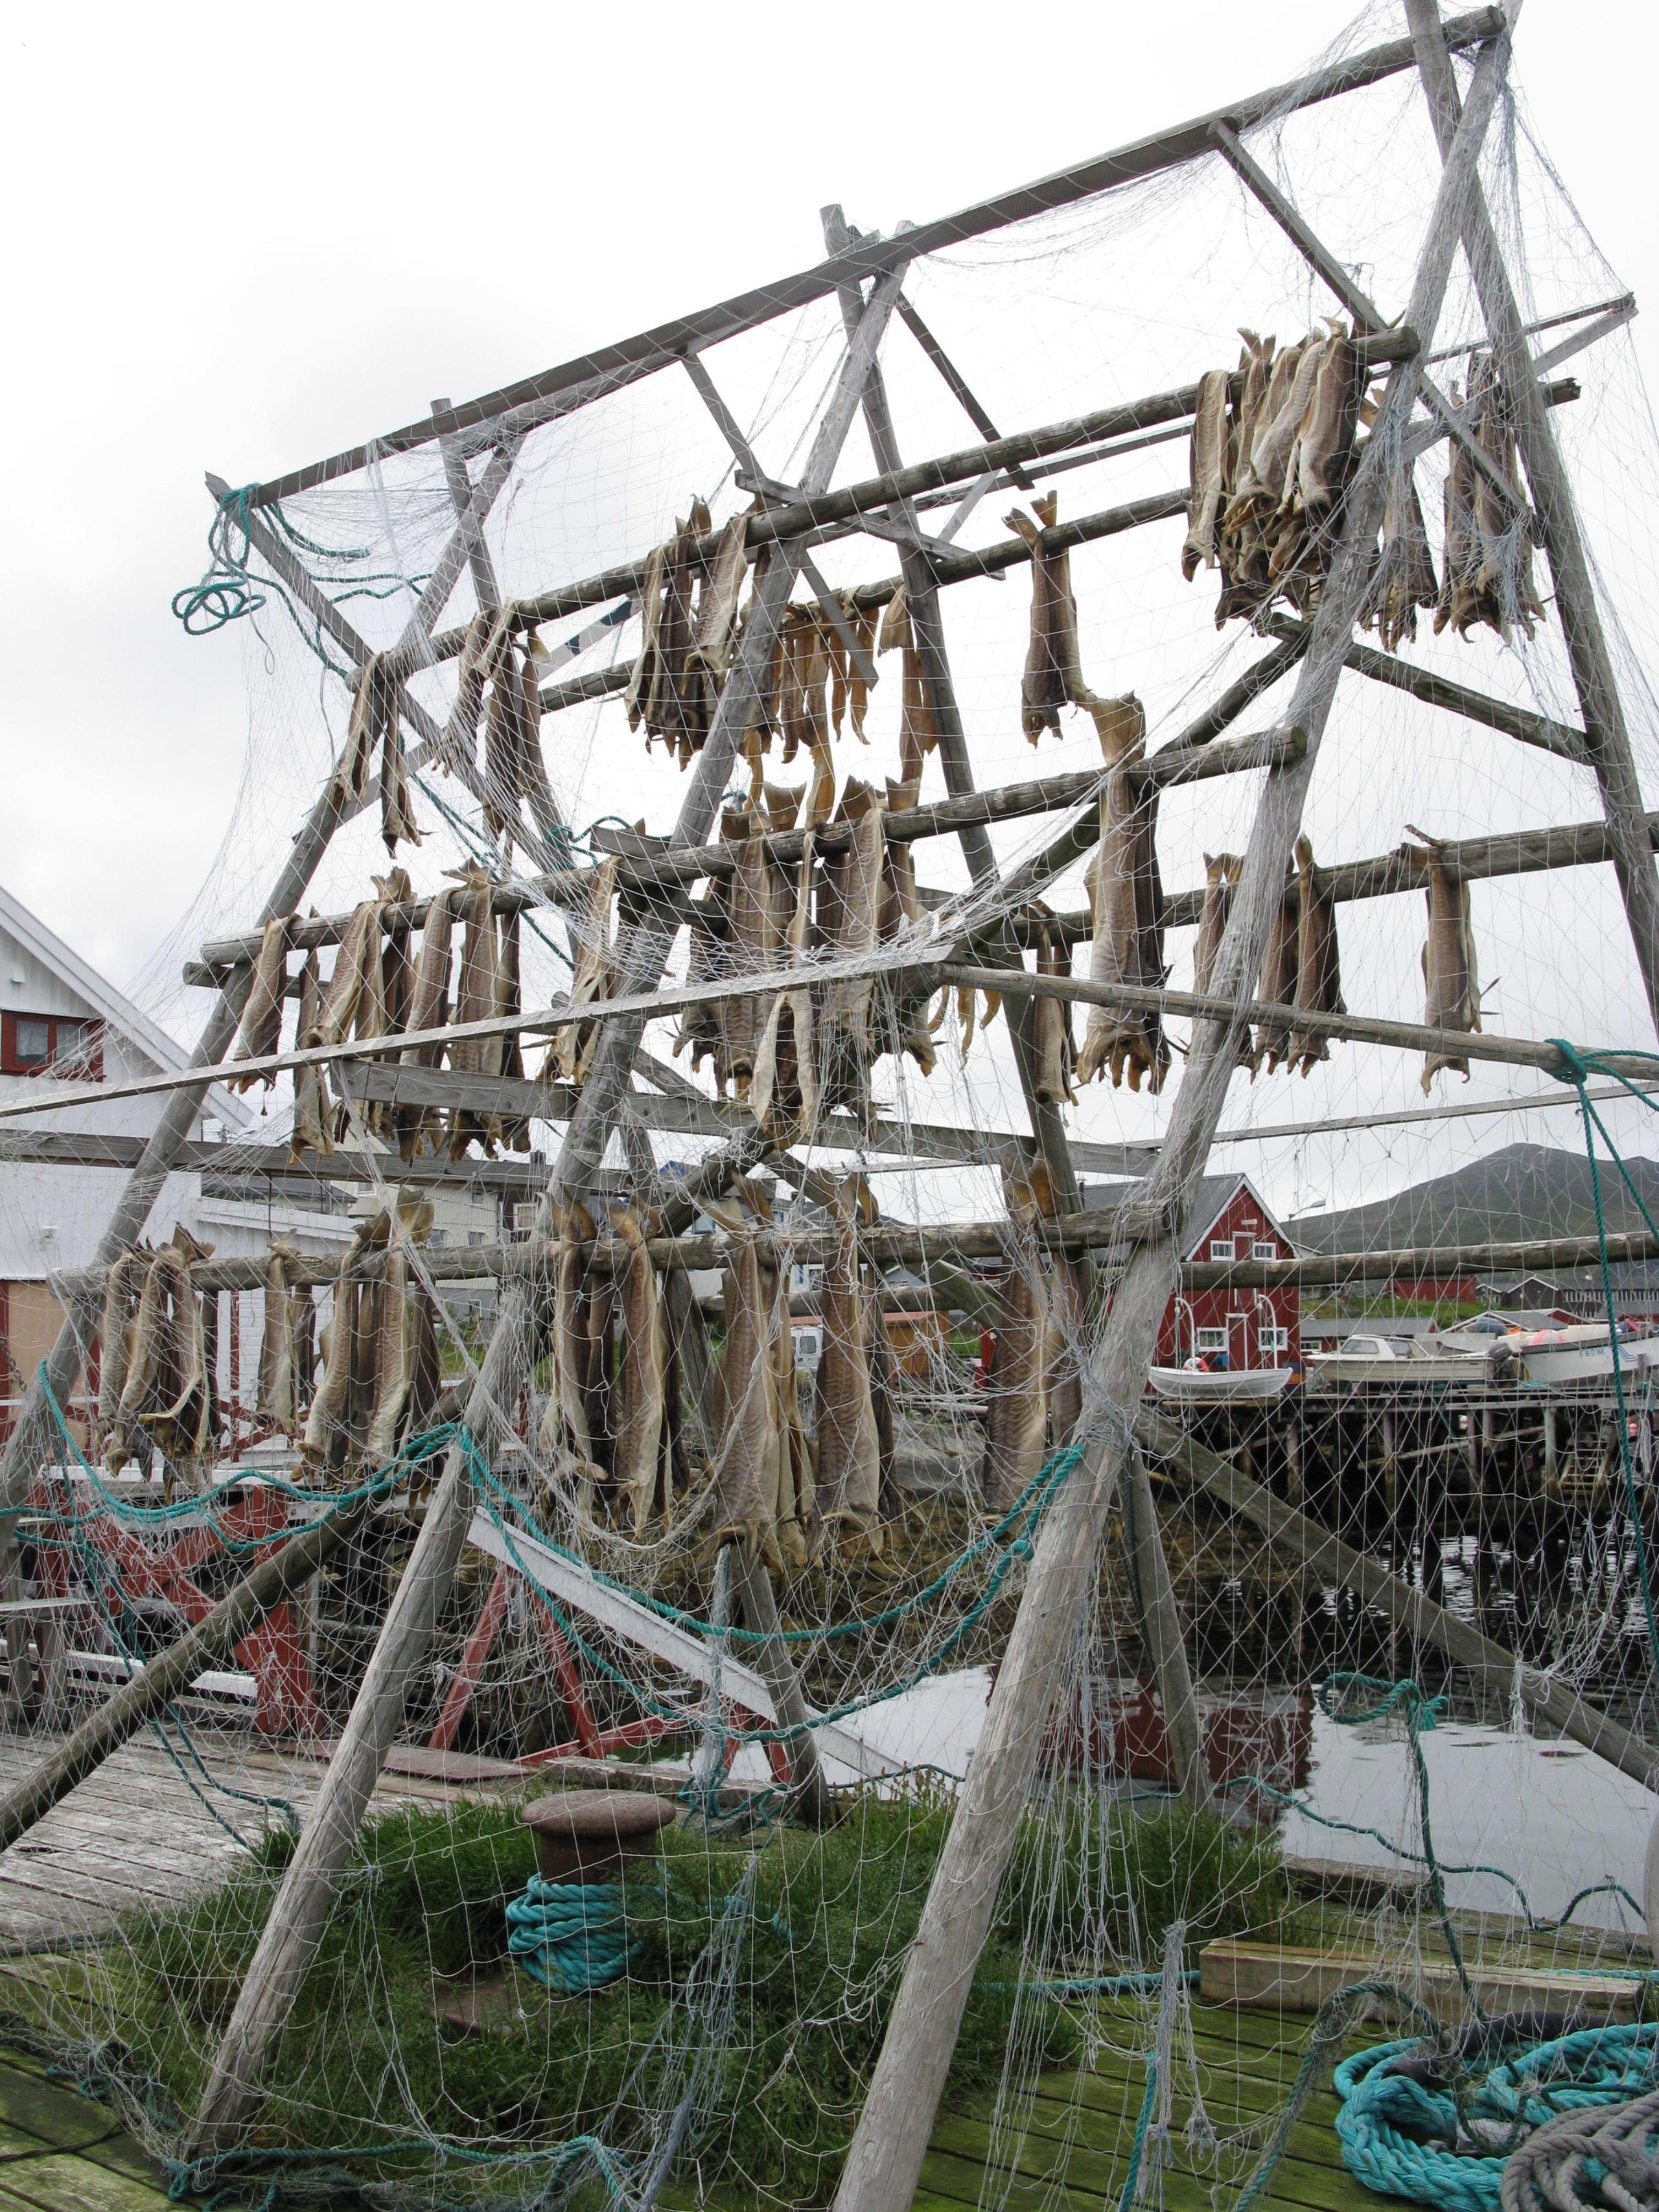 Drying racks in Honningsvåg